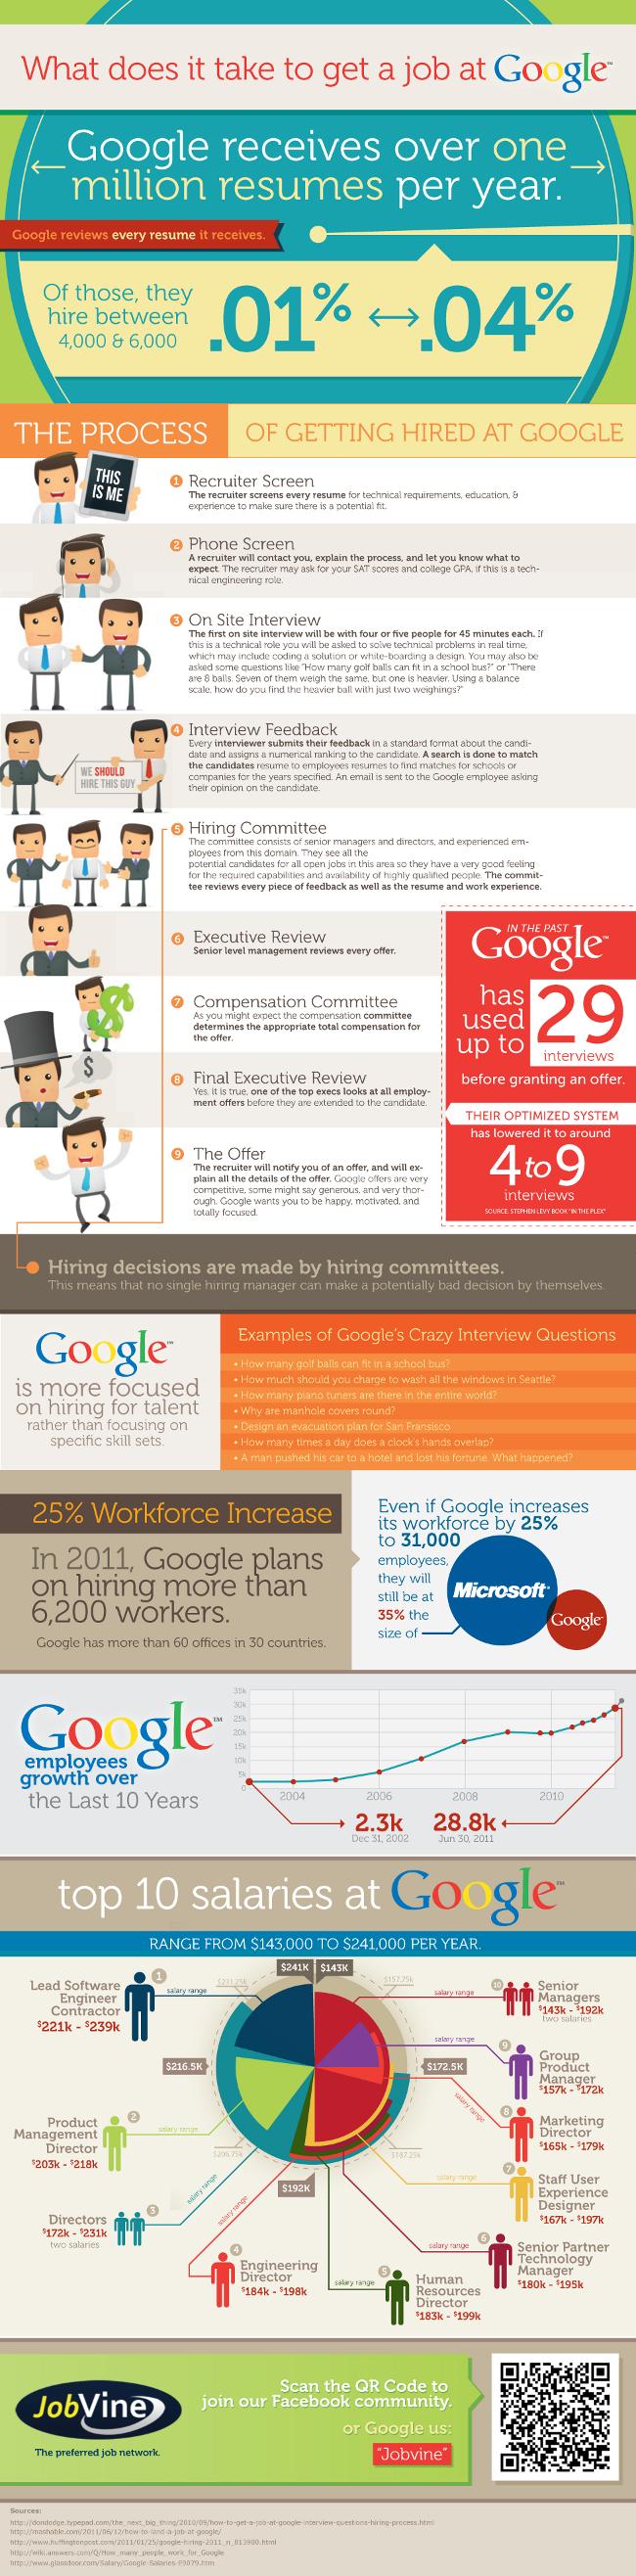 Comment avoir un job chez Google